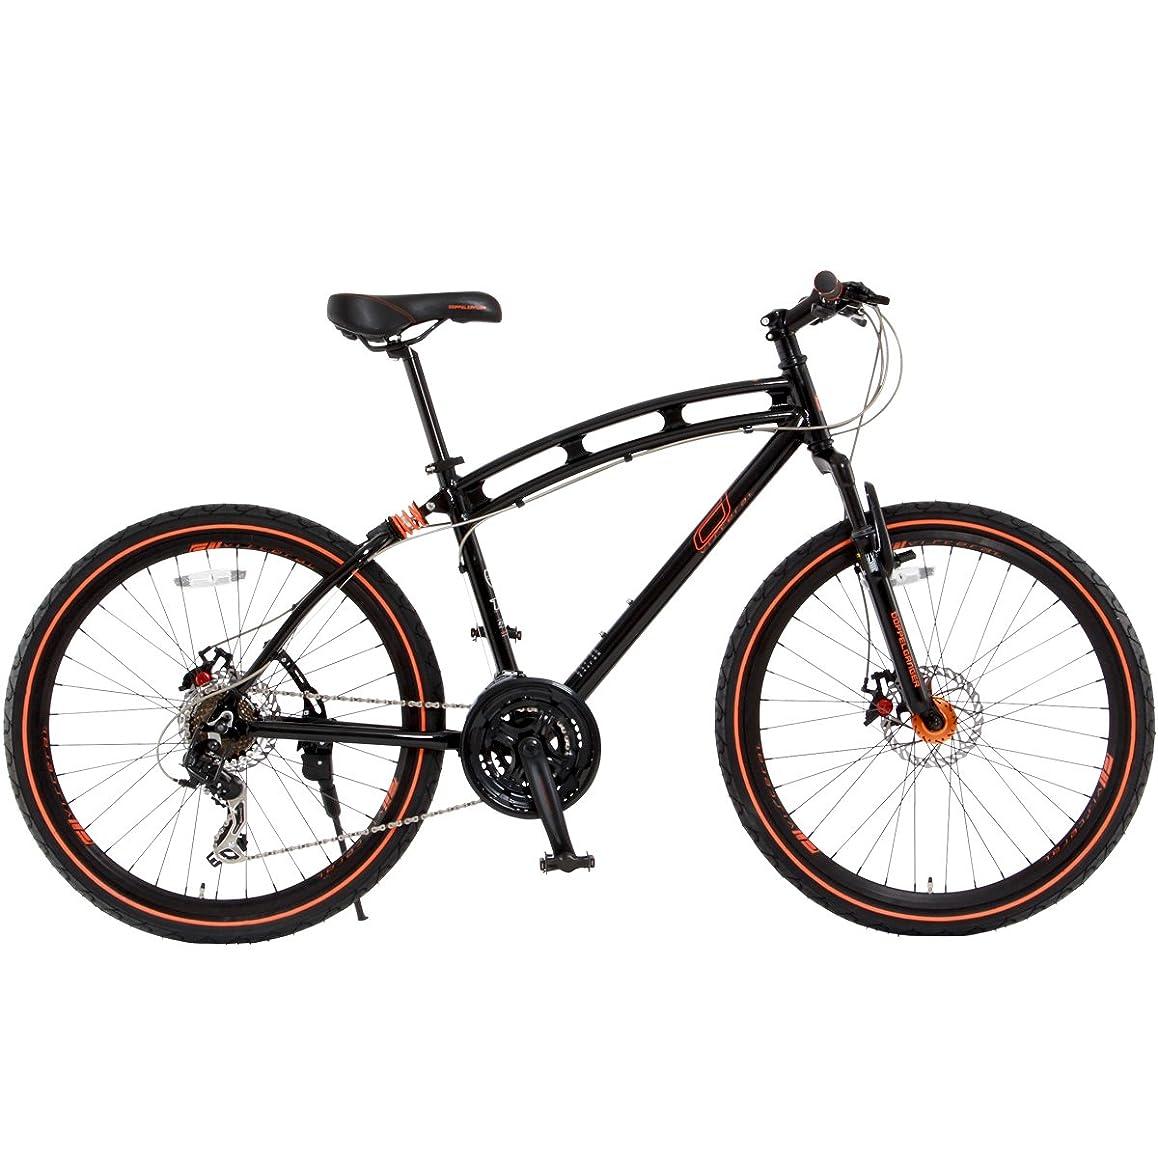 延ばす者ナースEUROBIKE X9アルミニウム合金フレーム 29 マウンテン 21速 変速 マウンテンバイク 前後ディスクブレーキ 3つのスポークのラウンド 通学 自転車 通勤自転車